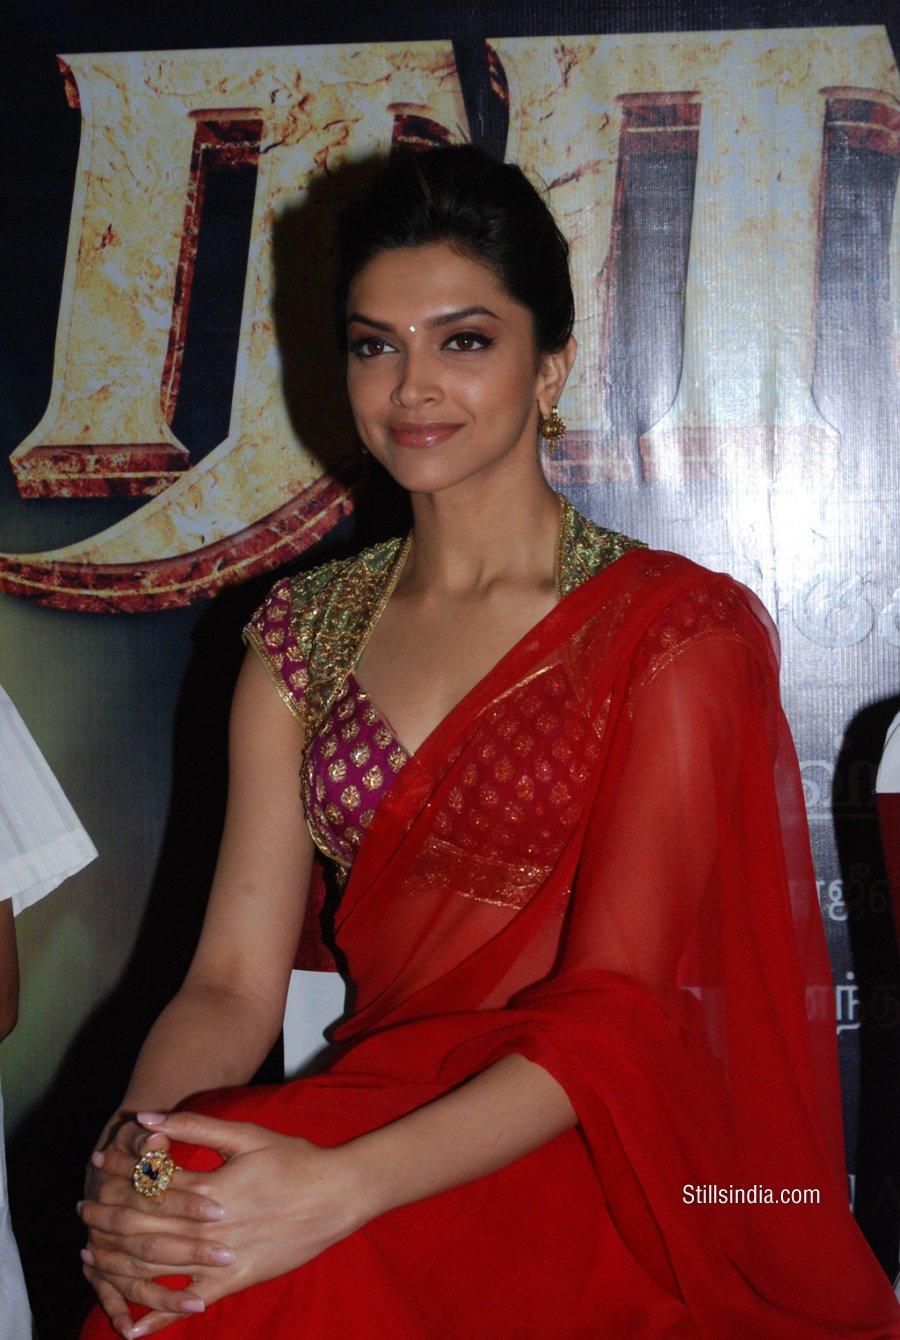 Sexy Tamil Actress Pictures Hot Photos: Rana Film Deepika ...